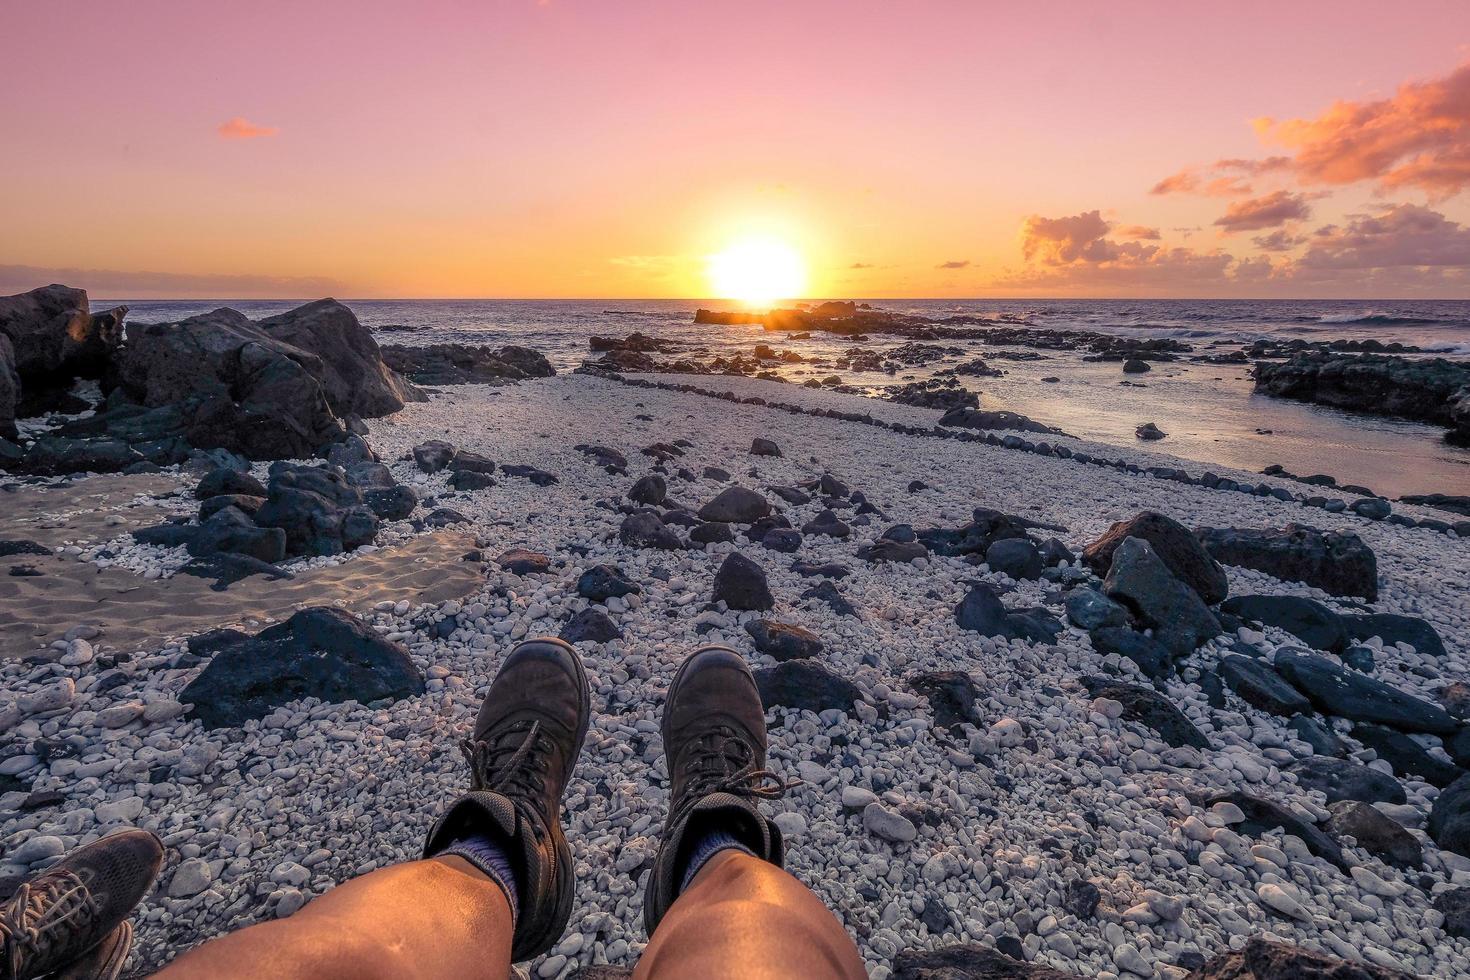 persona seduta al mare al tramonto foto